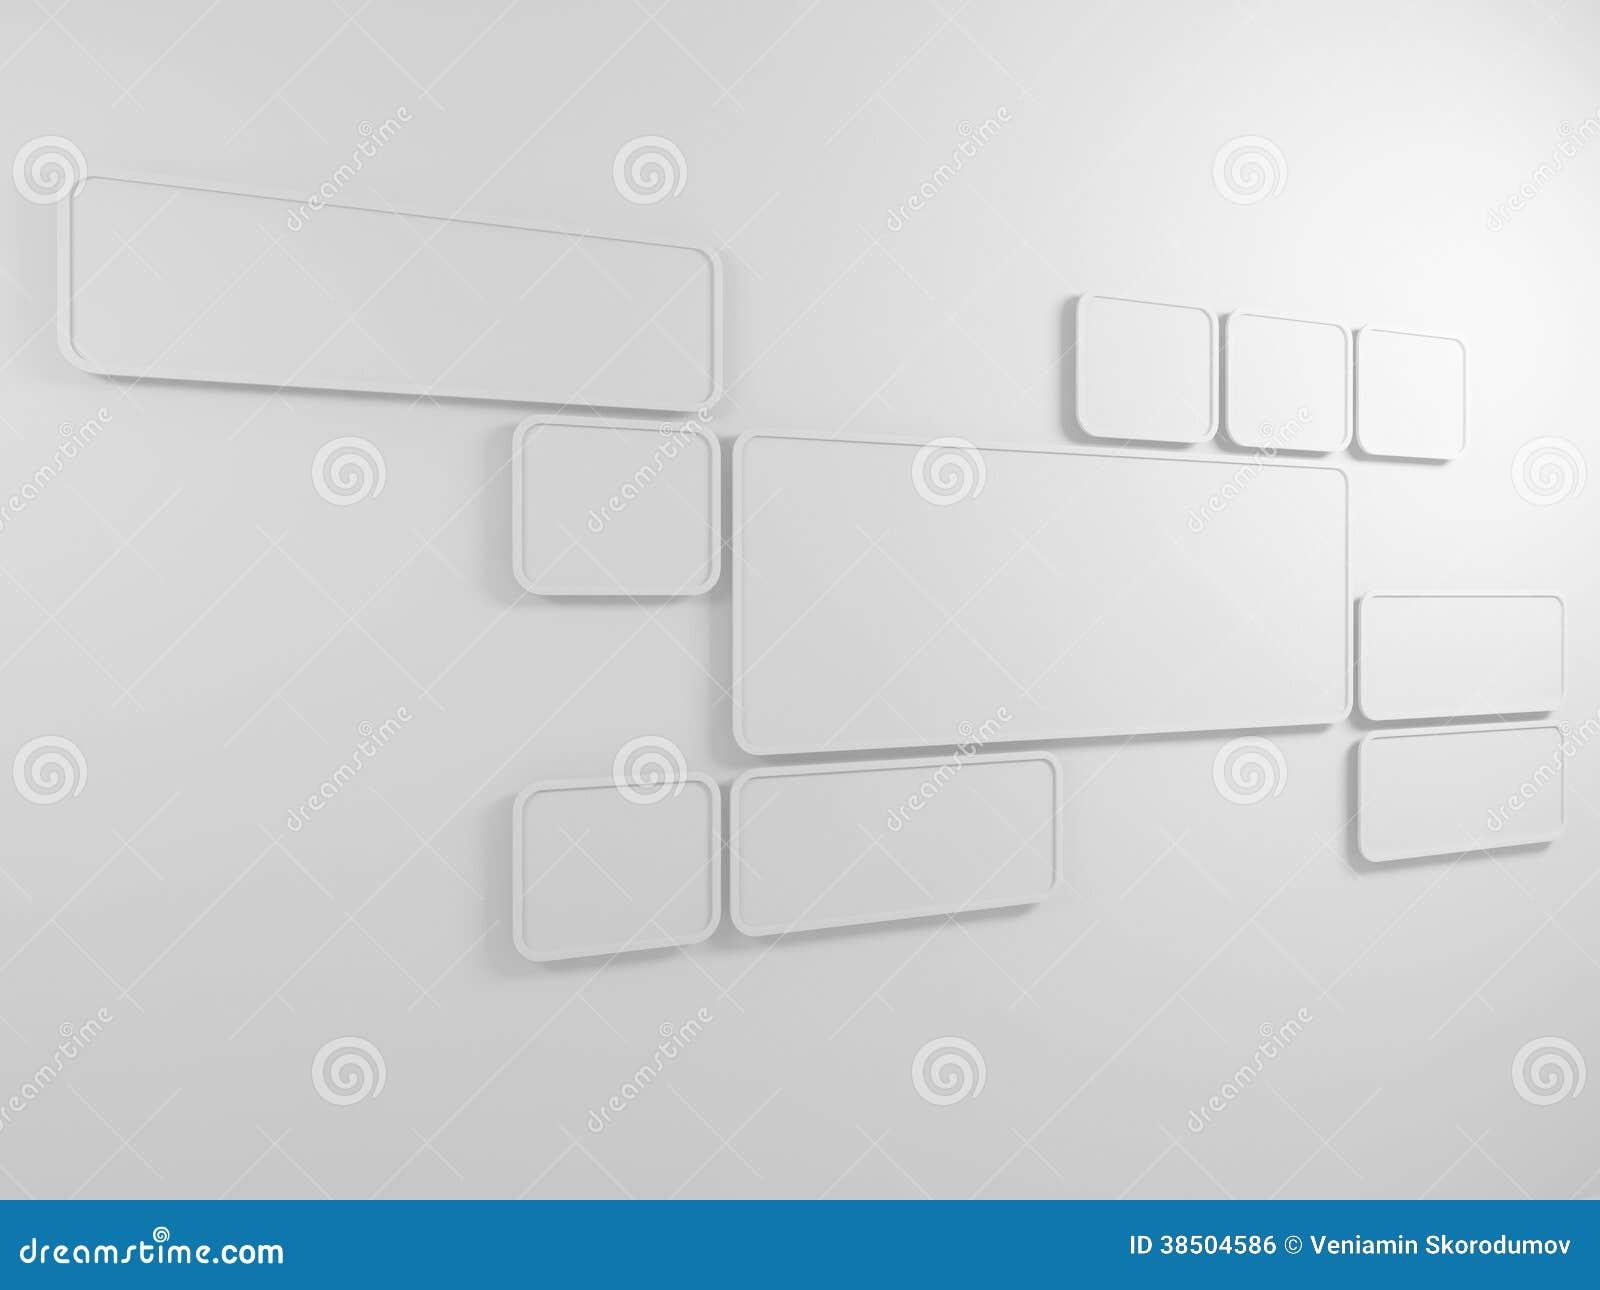 Abstrakter Hintergrund. Rechteckige Rahmen Auf Der Wand. 3D ...